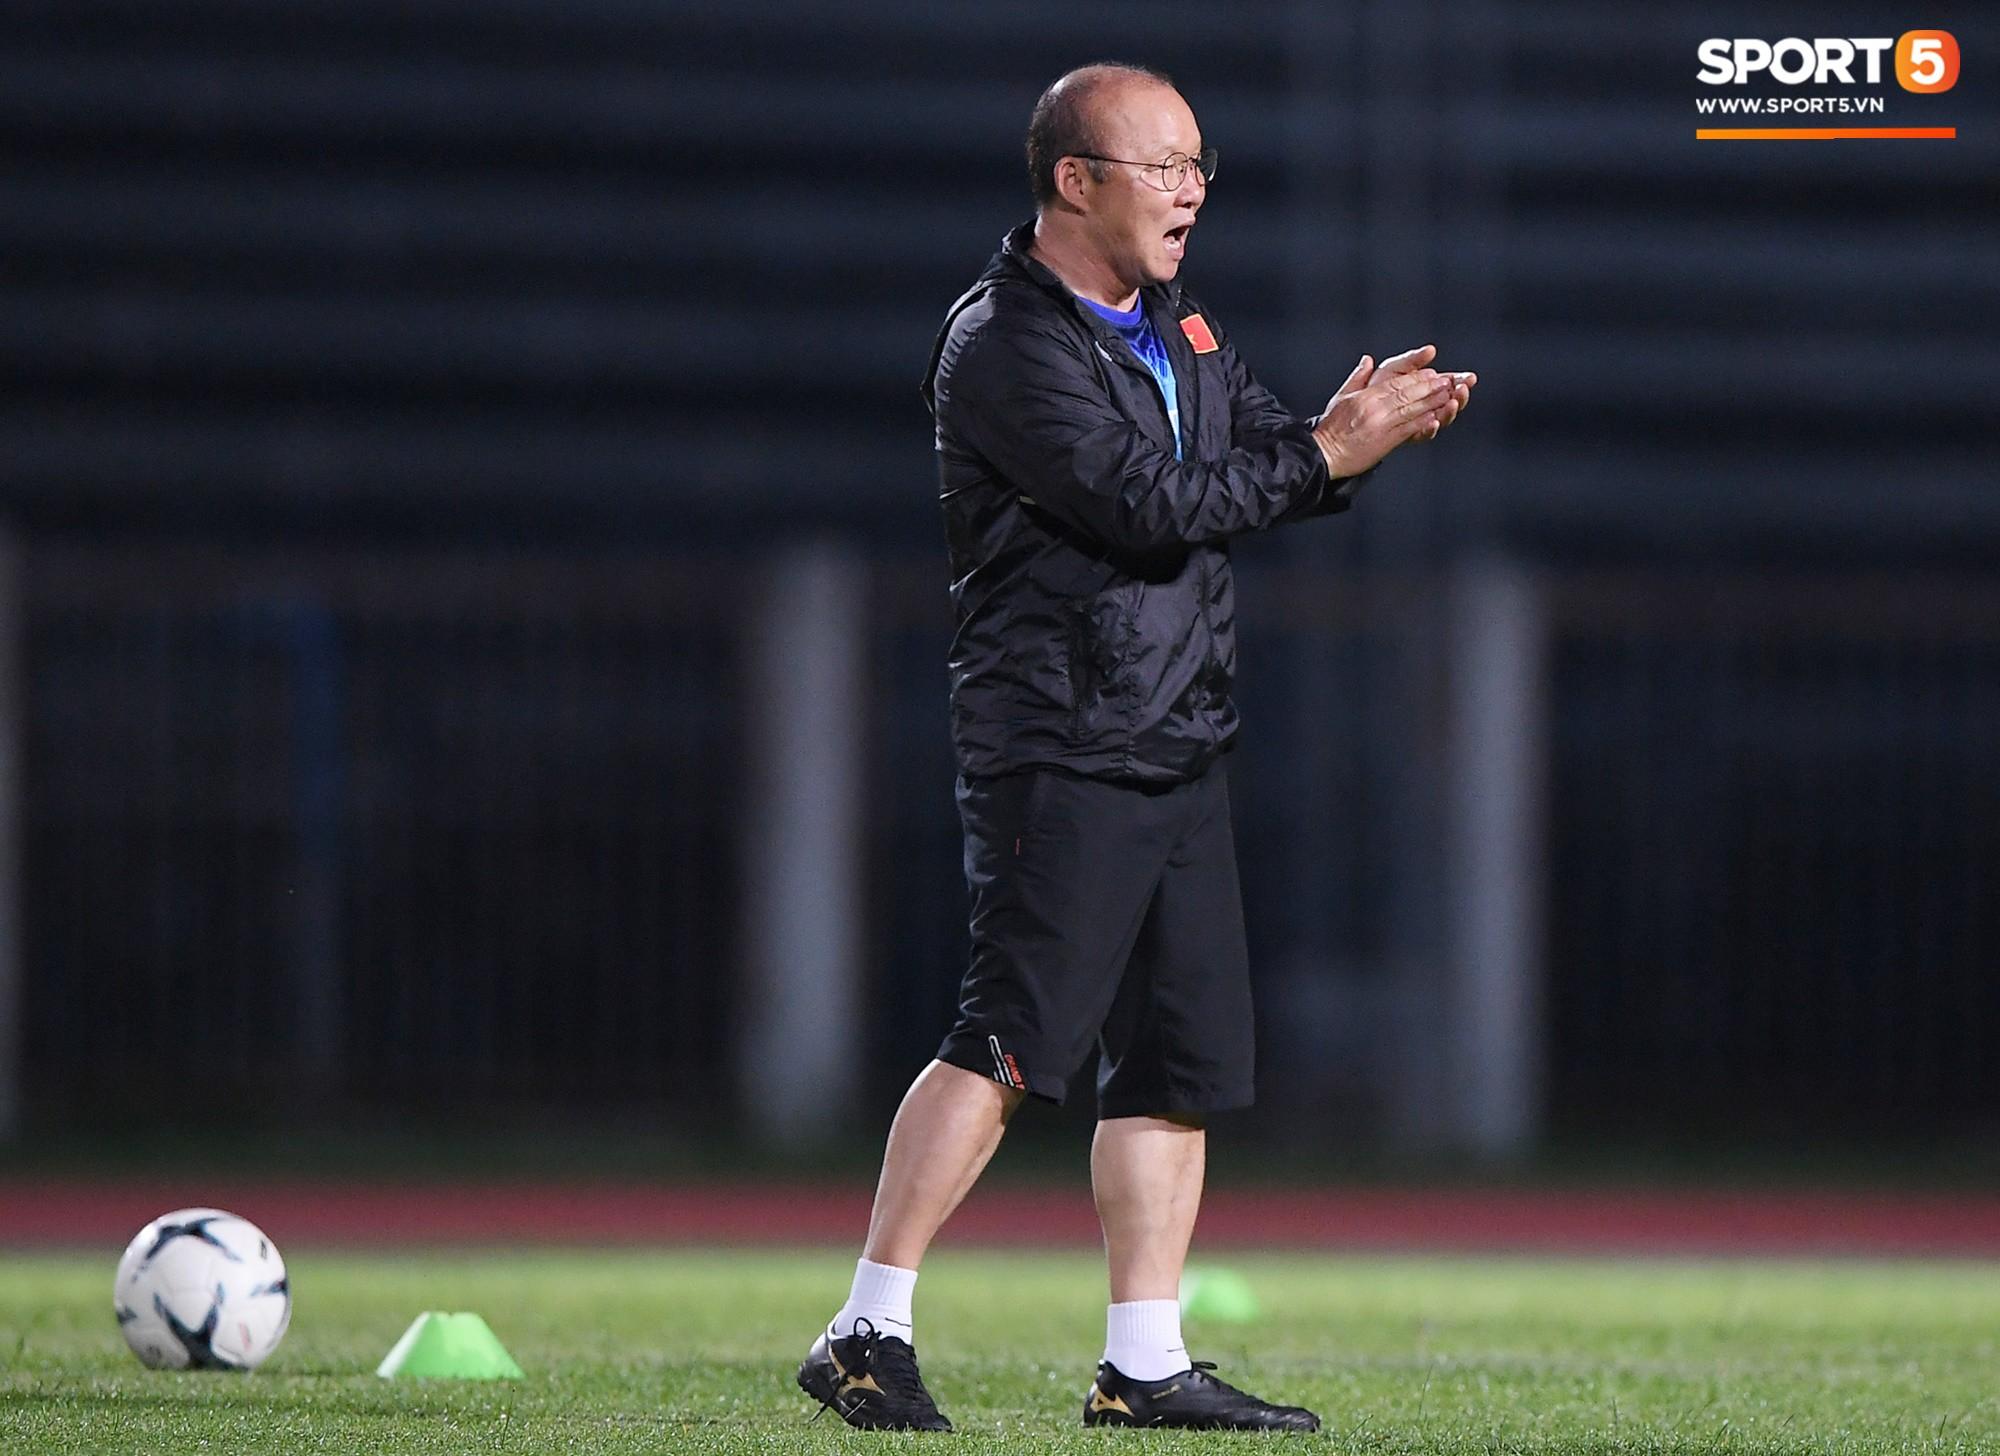 HLV Park Hang-seo tạm hoãn việc gia hạn hợp đồng với Liên đoàn bóng đá Việt Nam - Ảnh 1.